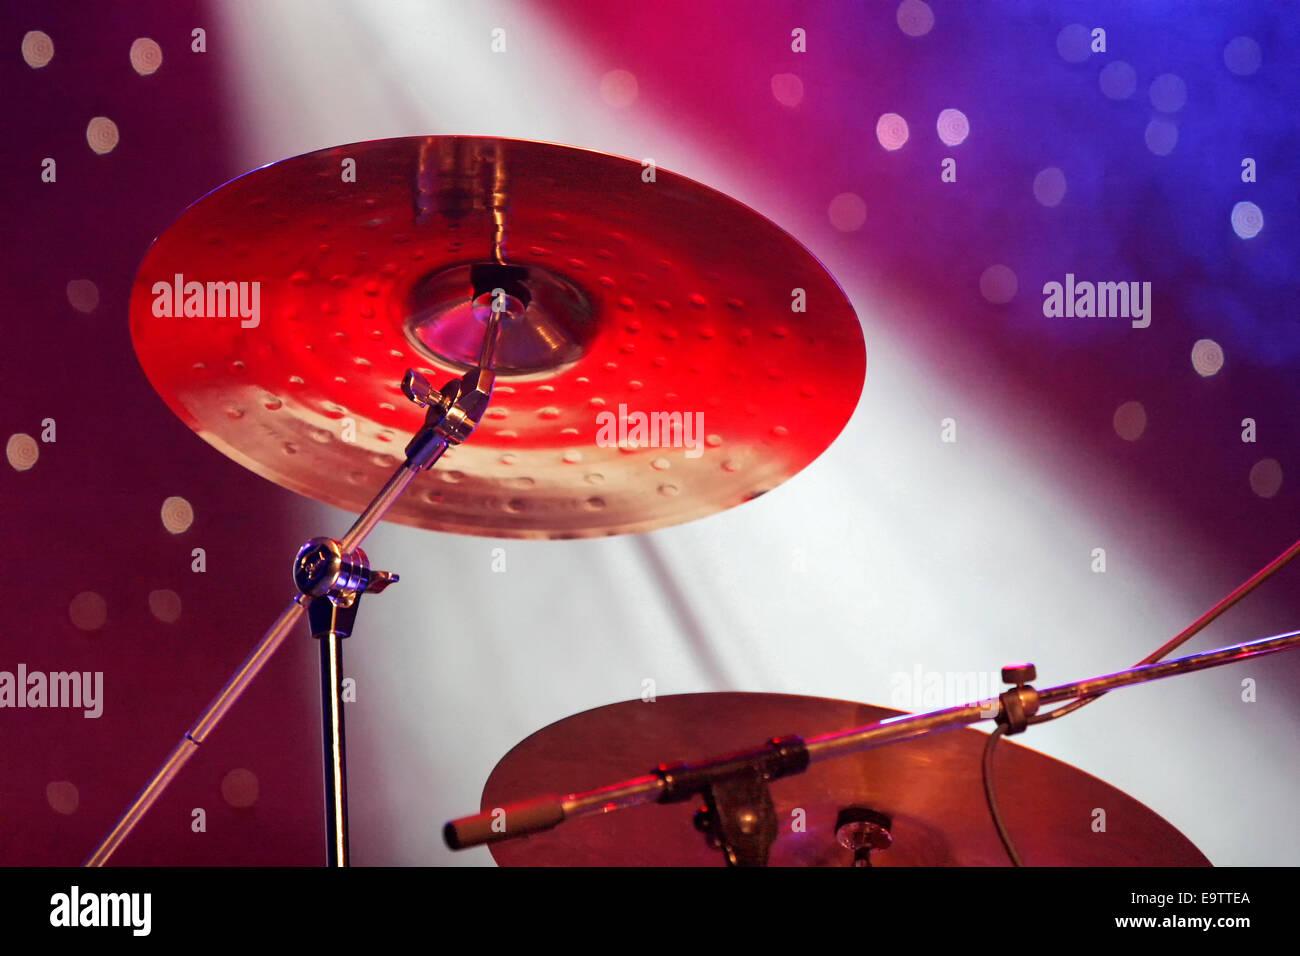 Concert Stage Set Up Stockfotos & Concert Stage Set Up Bilder - Alamy